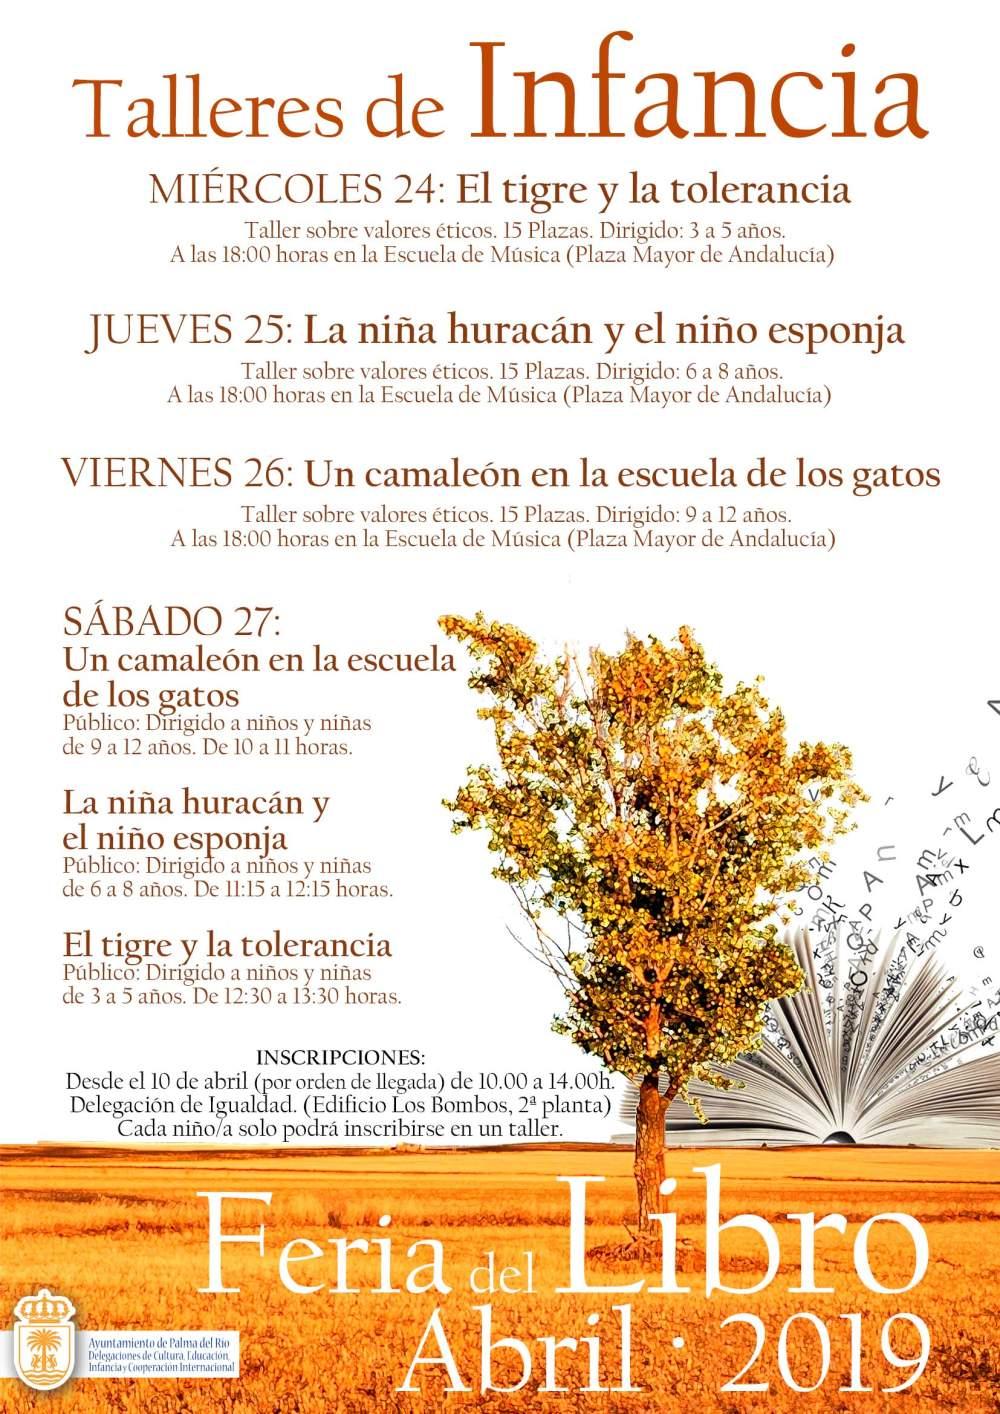 https://www.palmadelrio.es/sites/default/files/web-feria-libro-infancia-talleres-2019.jpg